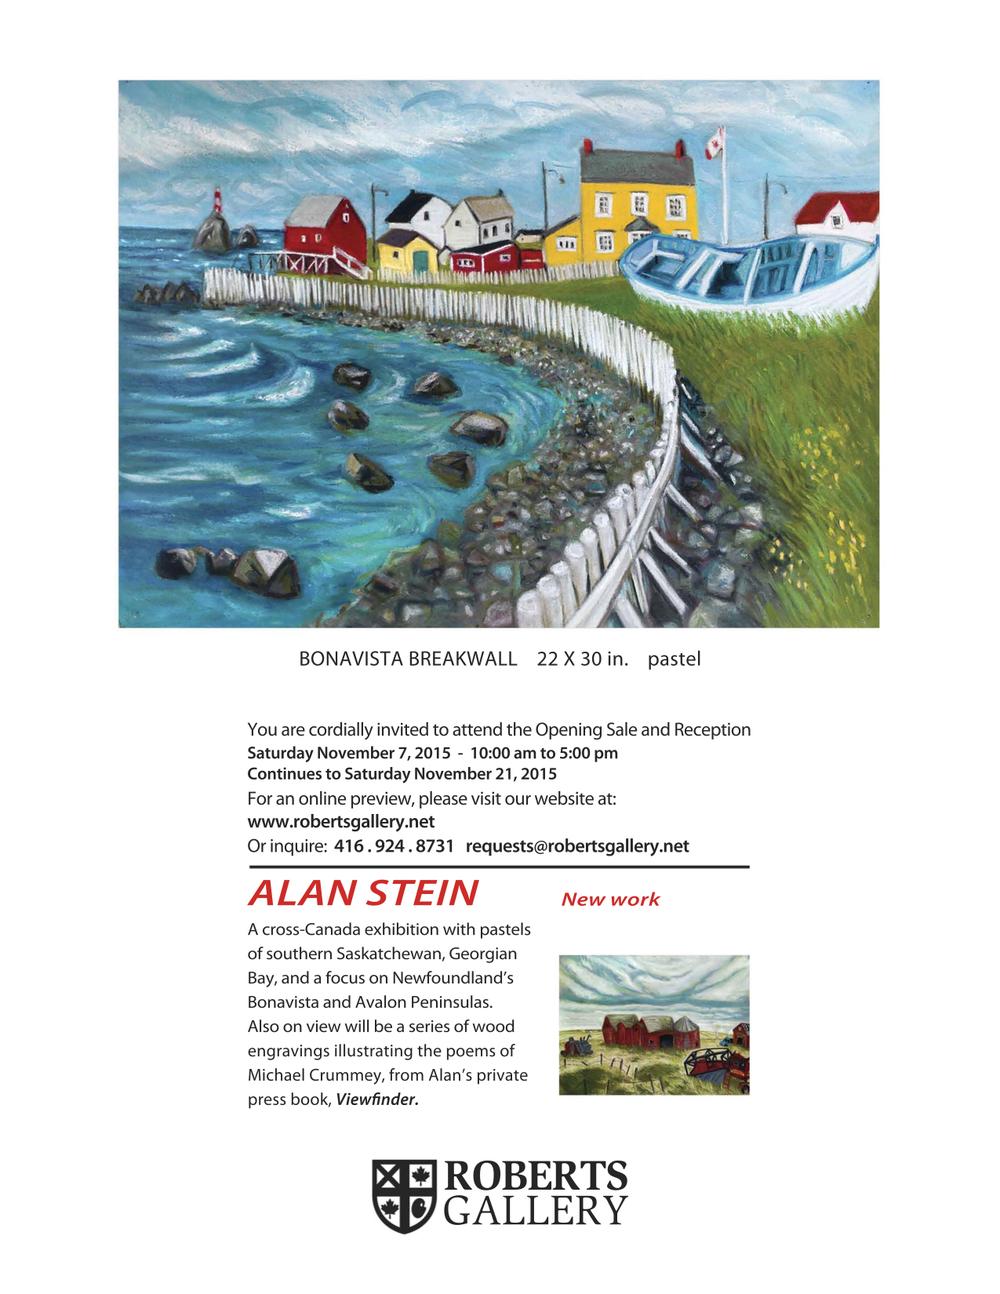 Stein email PDF 2015 v3 copy.jpg